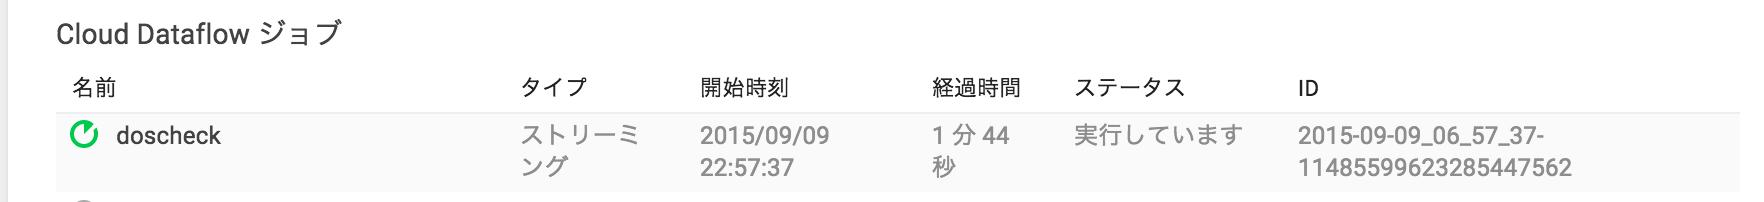 スクリーンショット 2015-09-09 22.59.15.png